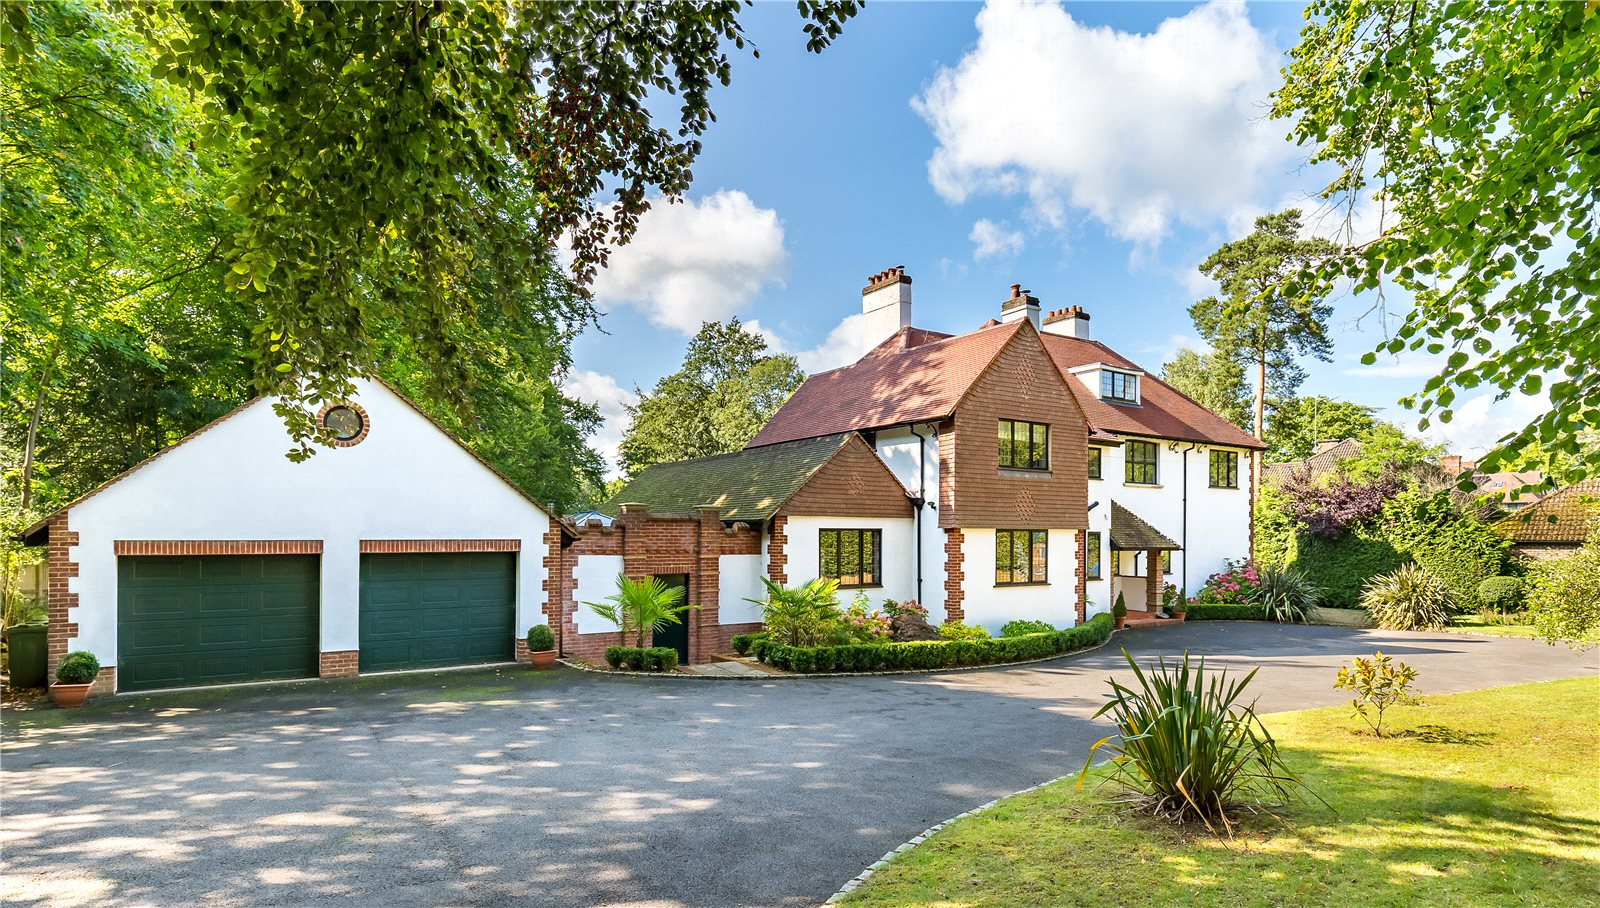 Maison unifamiliale pour l Vente à Hurtmore Road, Hurtmore, Godalming, Surrey, GU7 Godalming, Angleterre